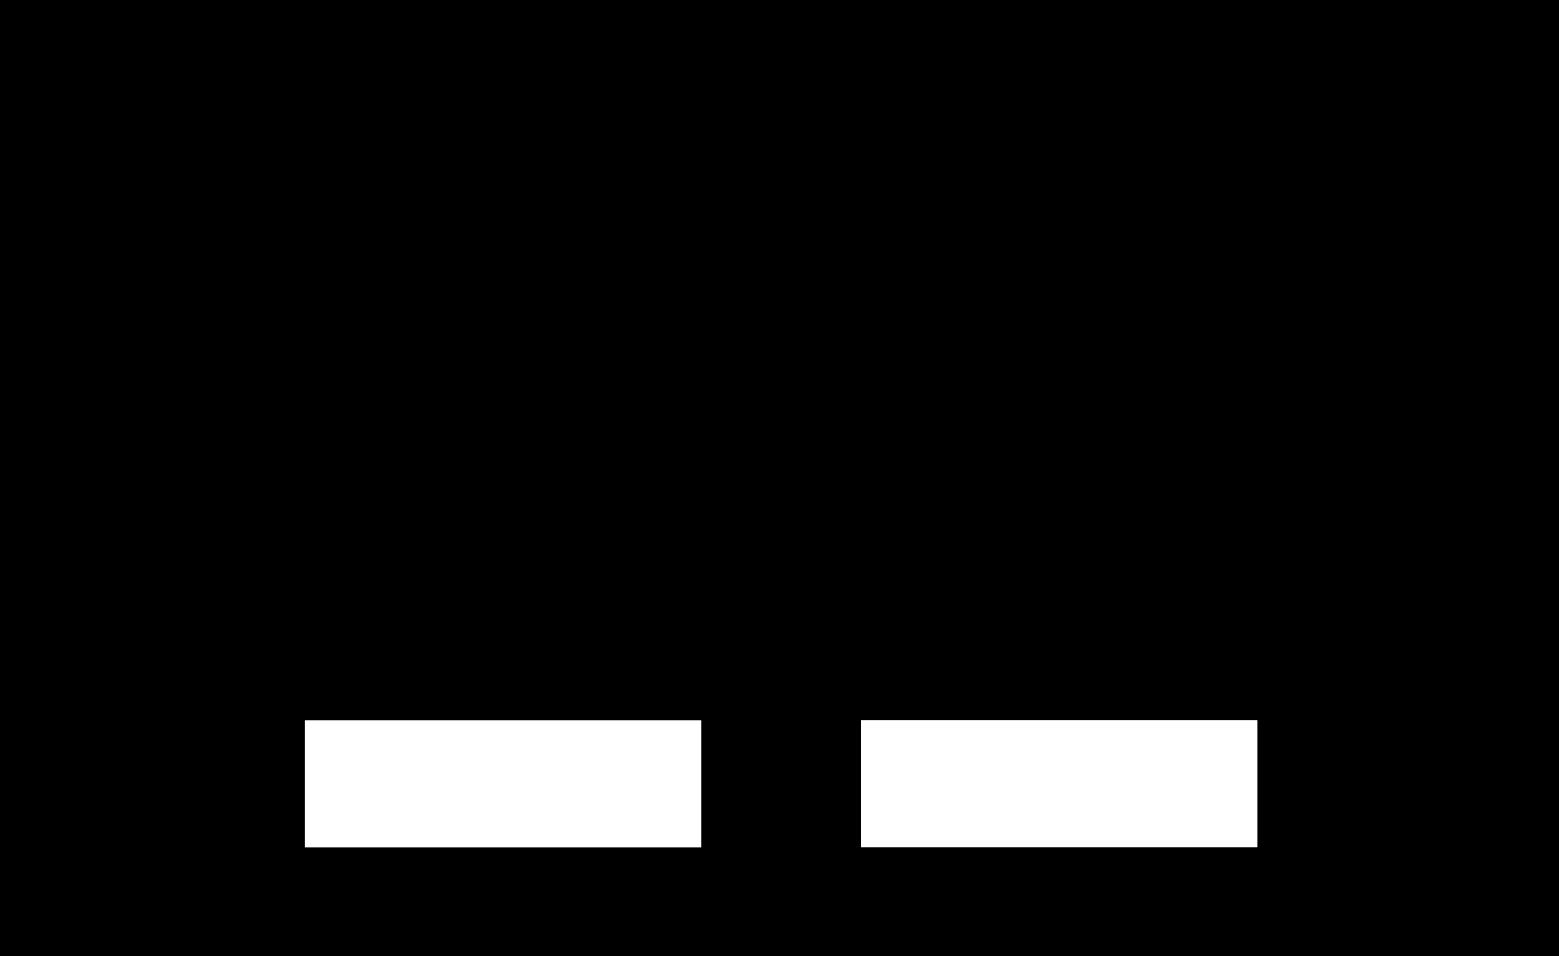 Резисторы следуют друг за другом